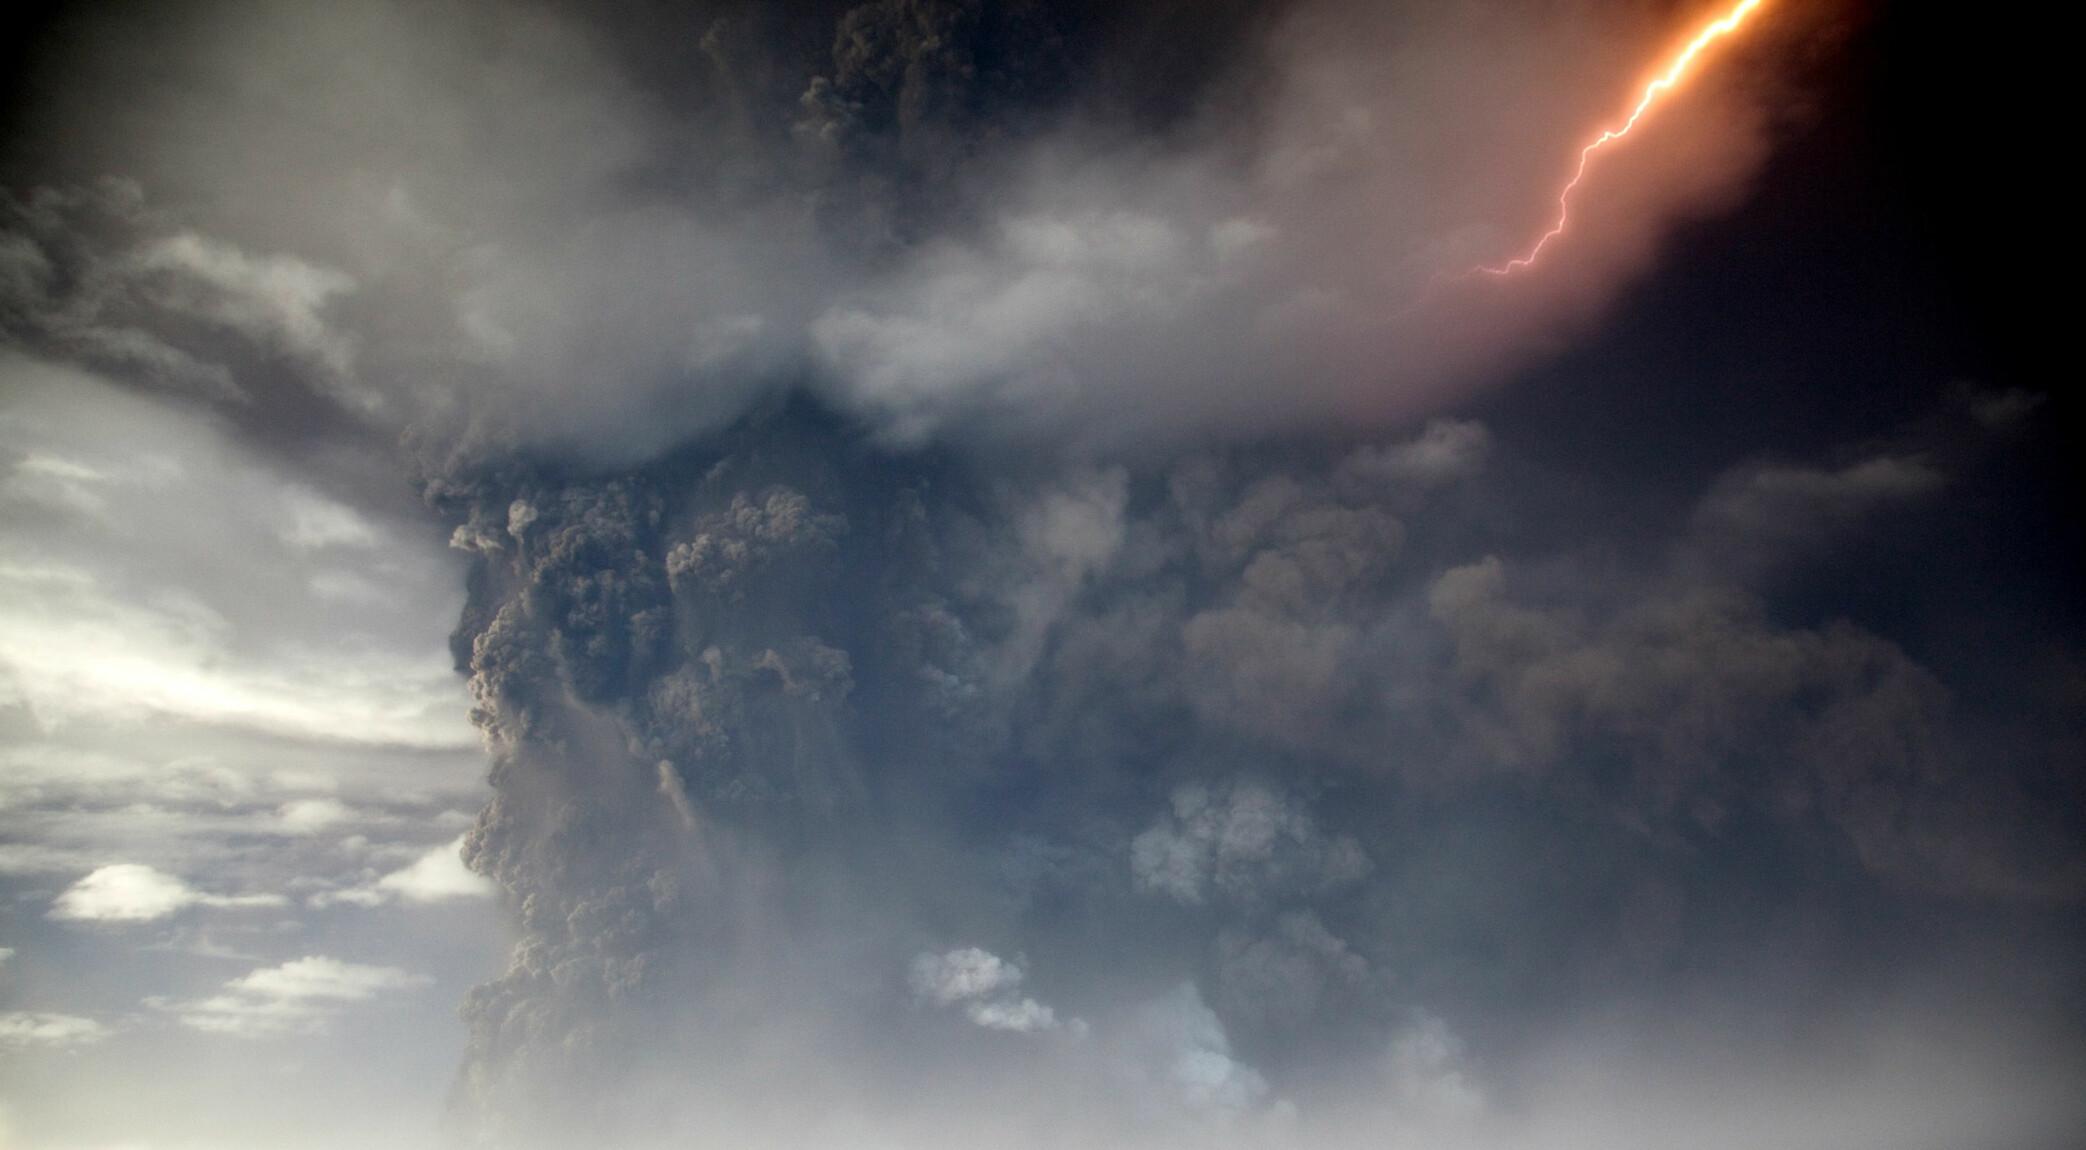 <b>UTBRUDD I 2011:</b> Det foreløpige siste utbruddet fra Grimsvötn skjedde i mai 2011. Utbruddet var kraftig nok til å stenge Islands flyplasser.